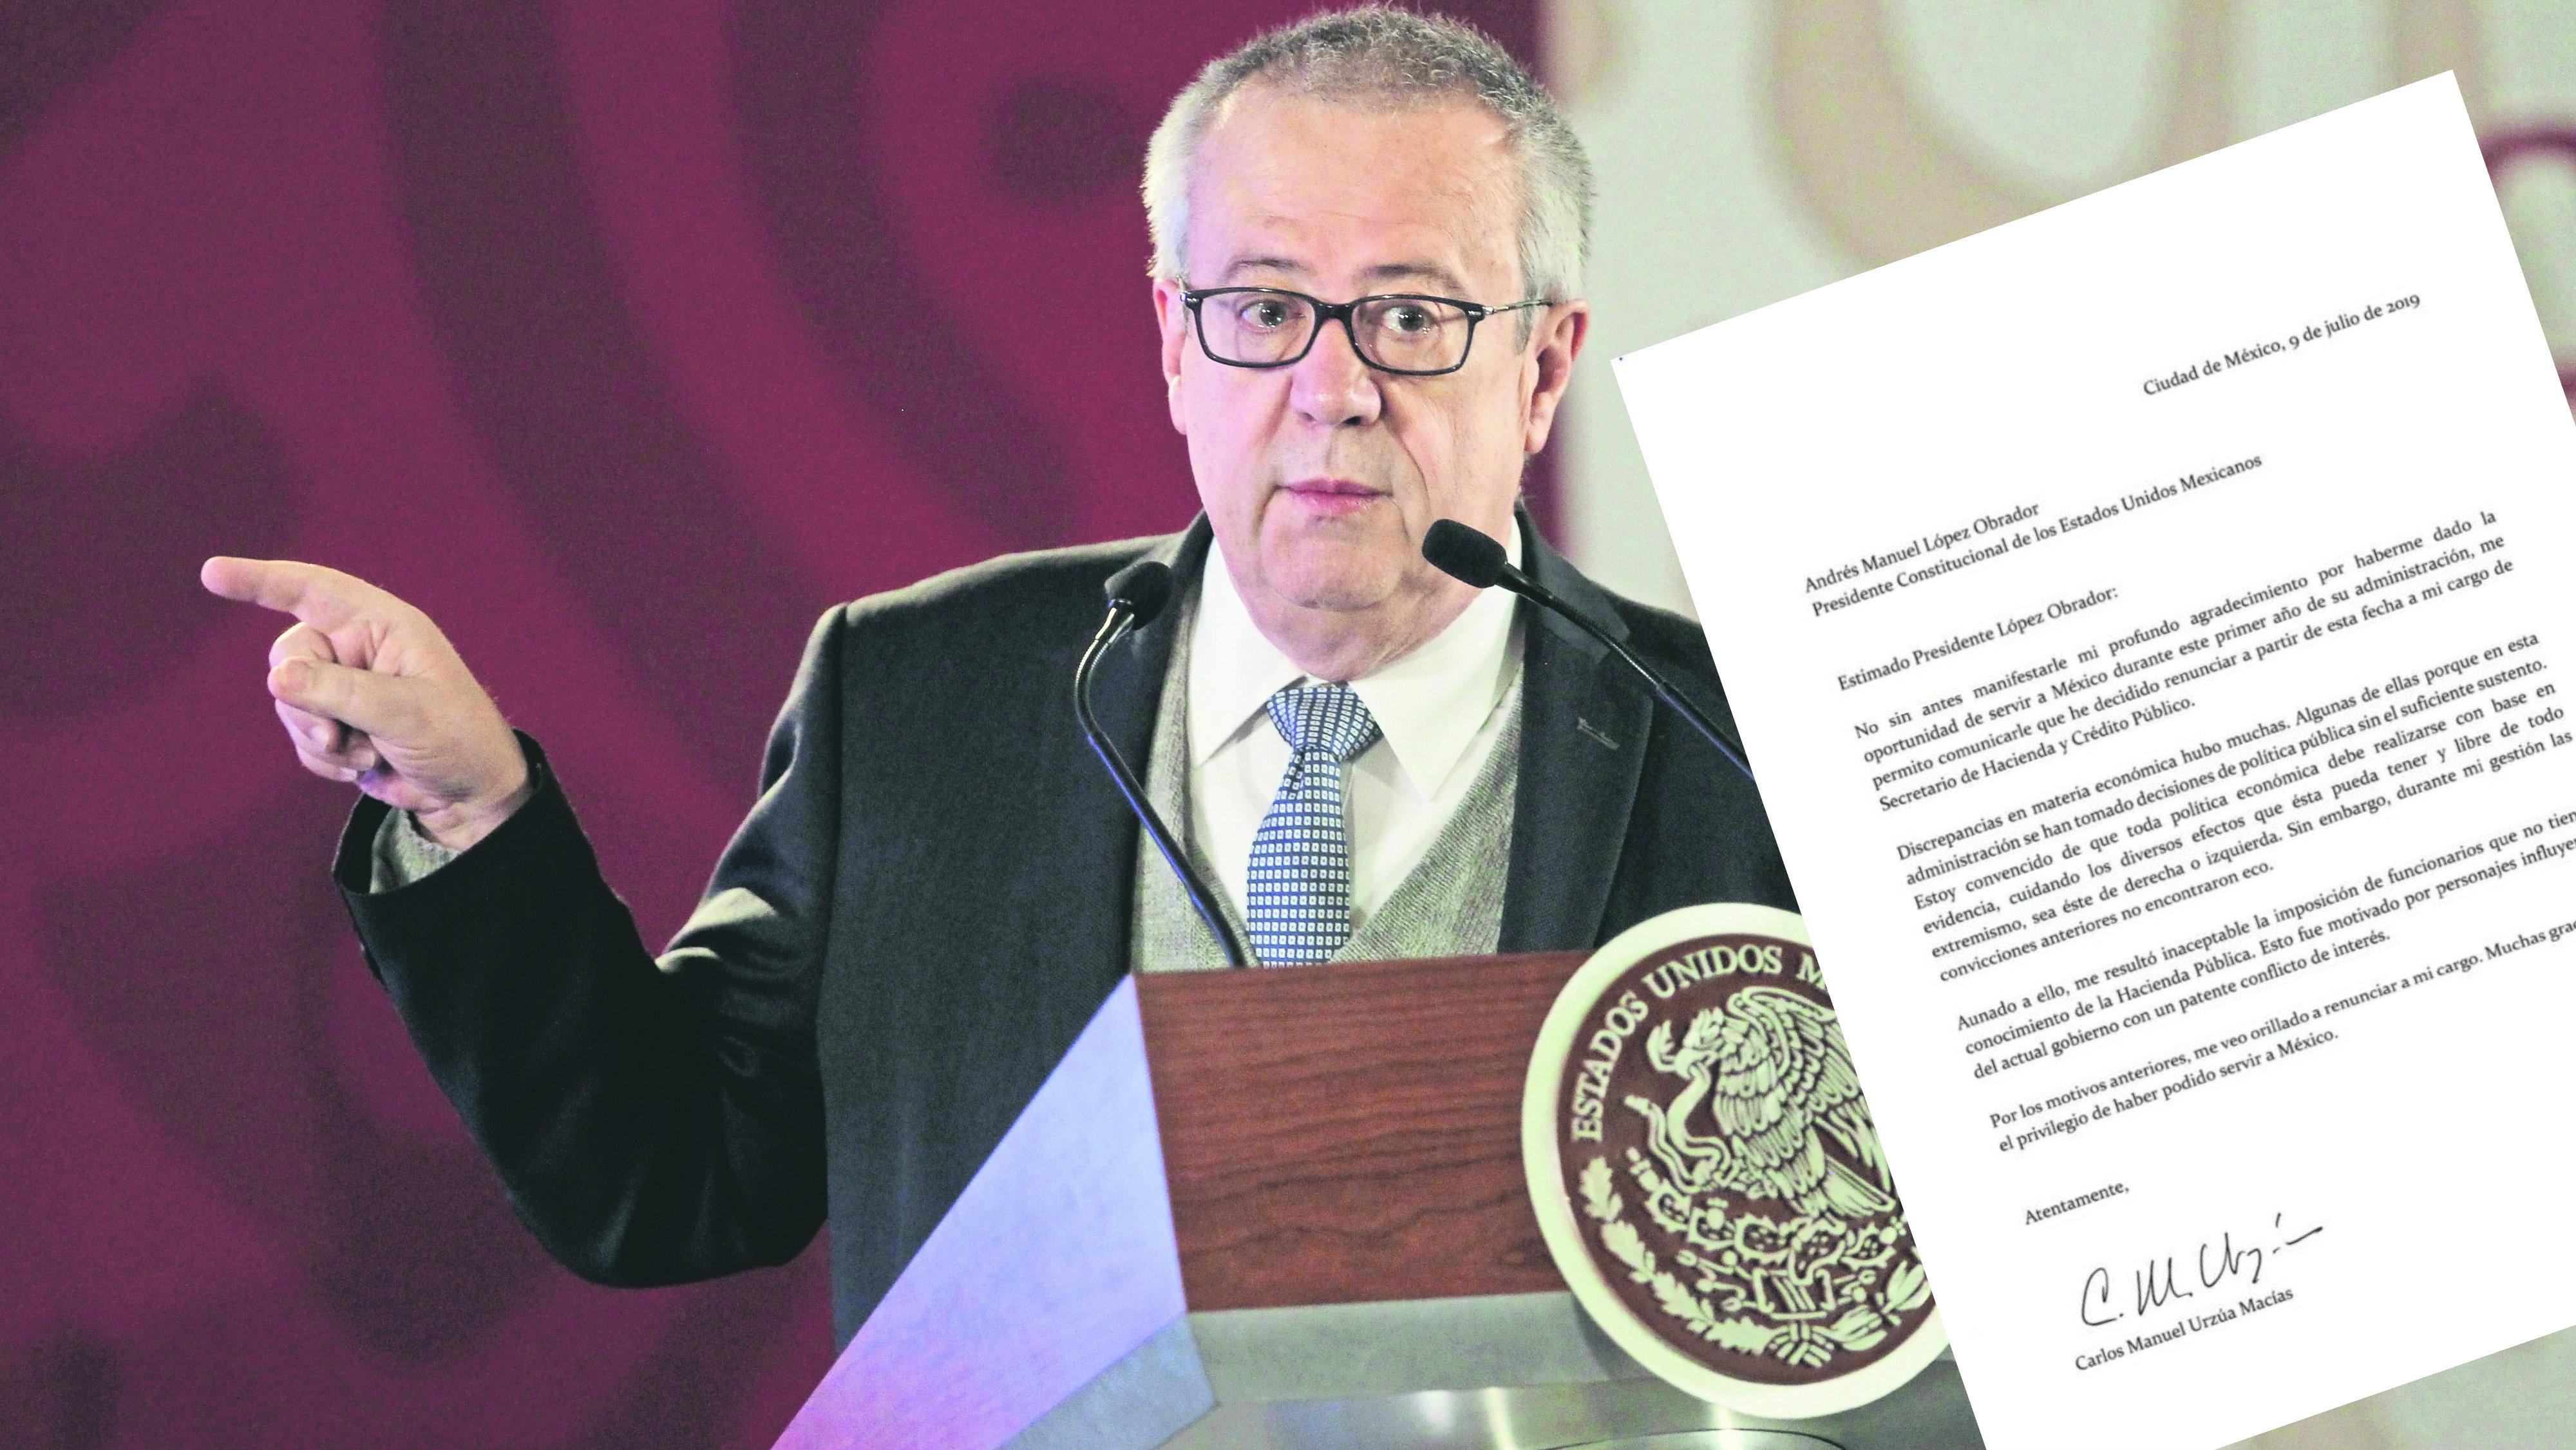 CARLOS URZUA RENUNCIA SECRETARIA DE HACIENDA MEXICO